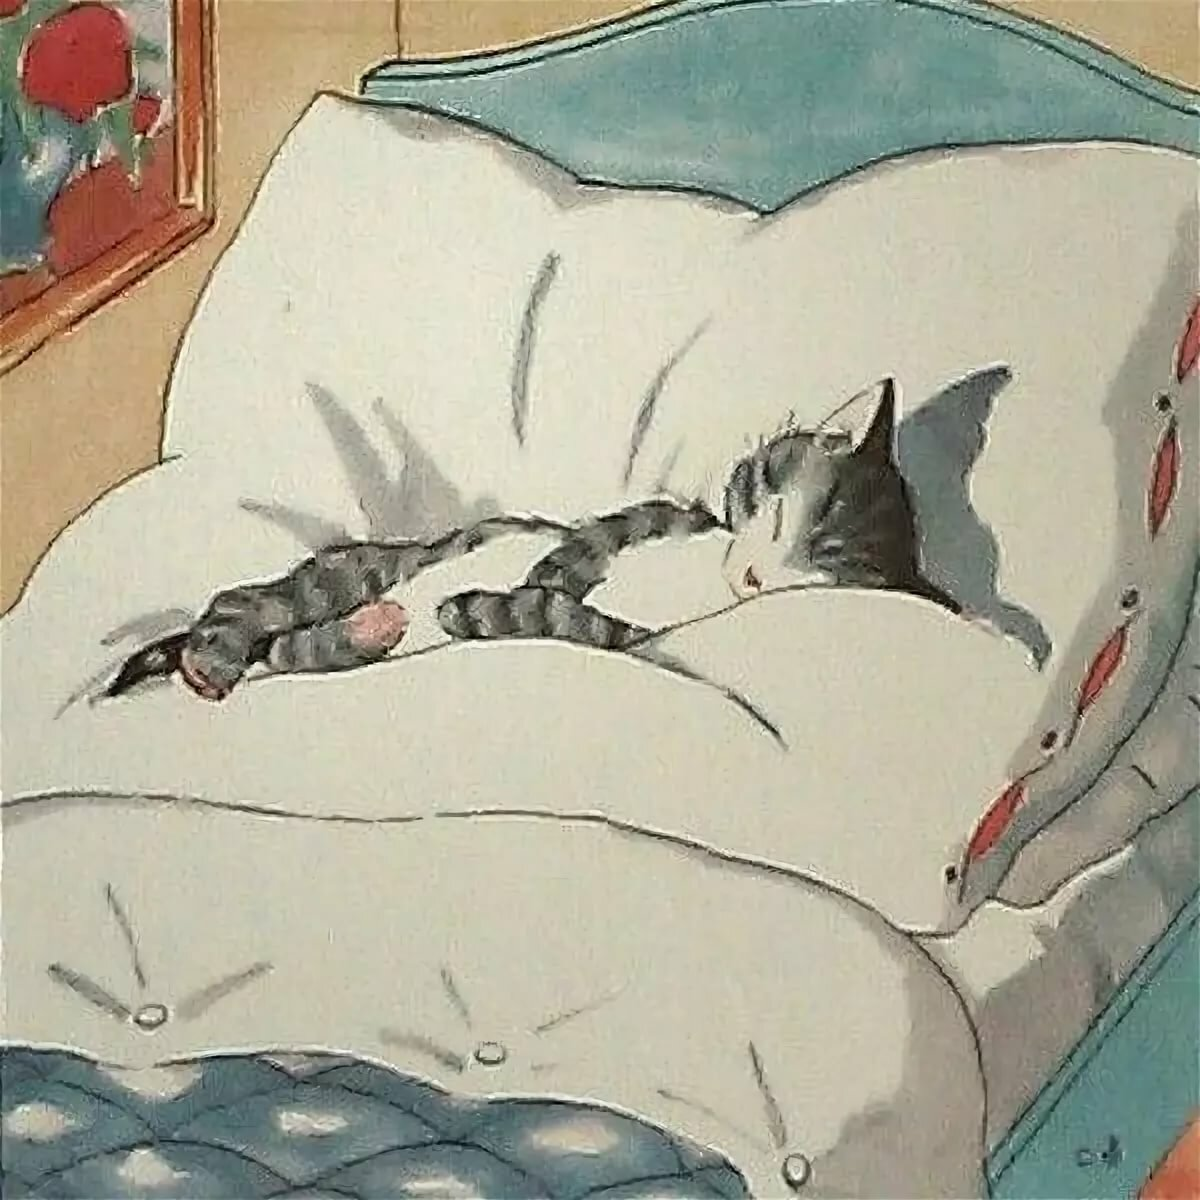 Месяцев, картинки спящих котов рисунки